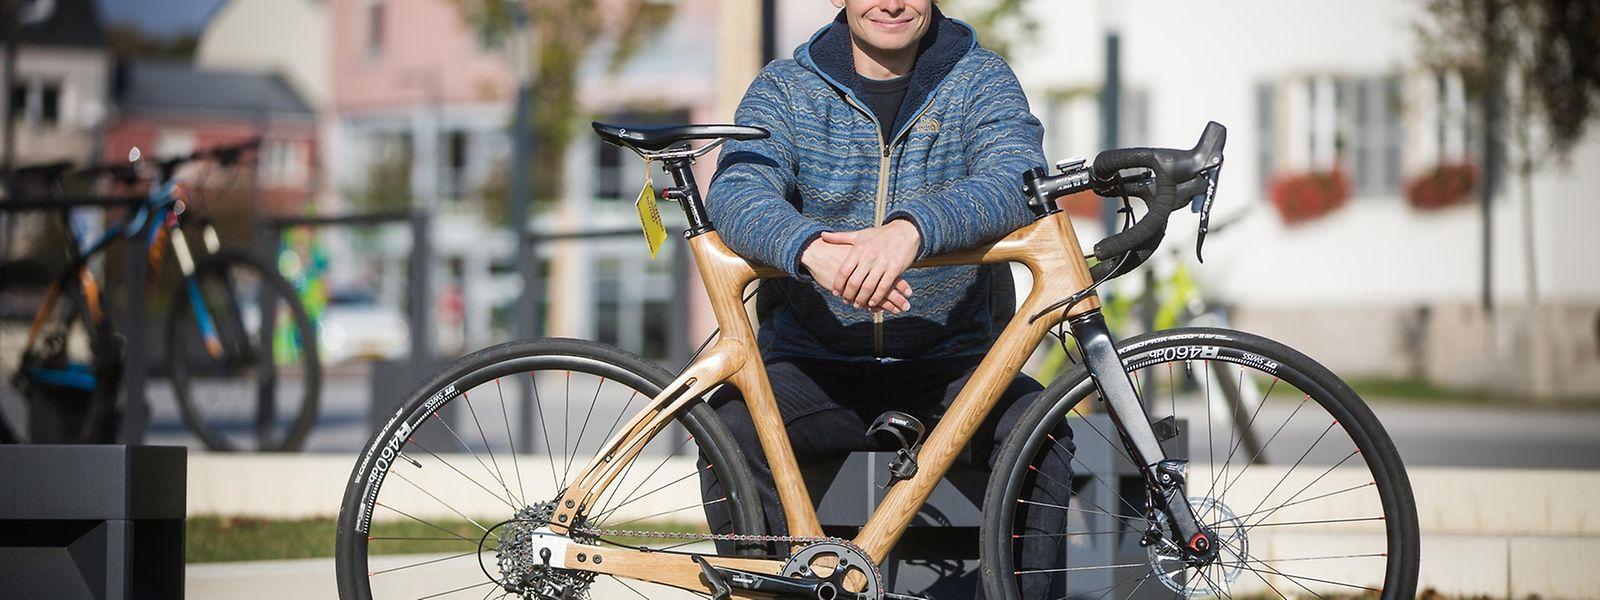 Der von Jacques Gengler entworfene Fahrrad-Rahmen ist nicht bloß verkleidet, sondern komplett aus Holz gefertigt.